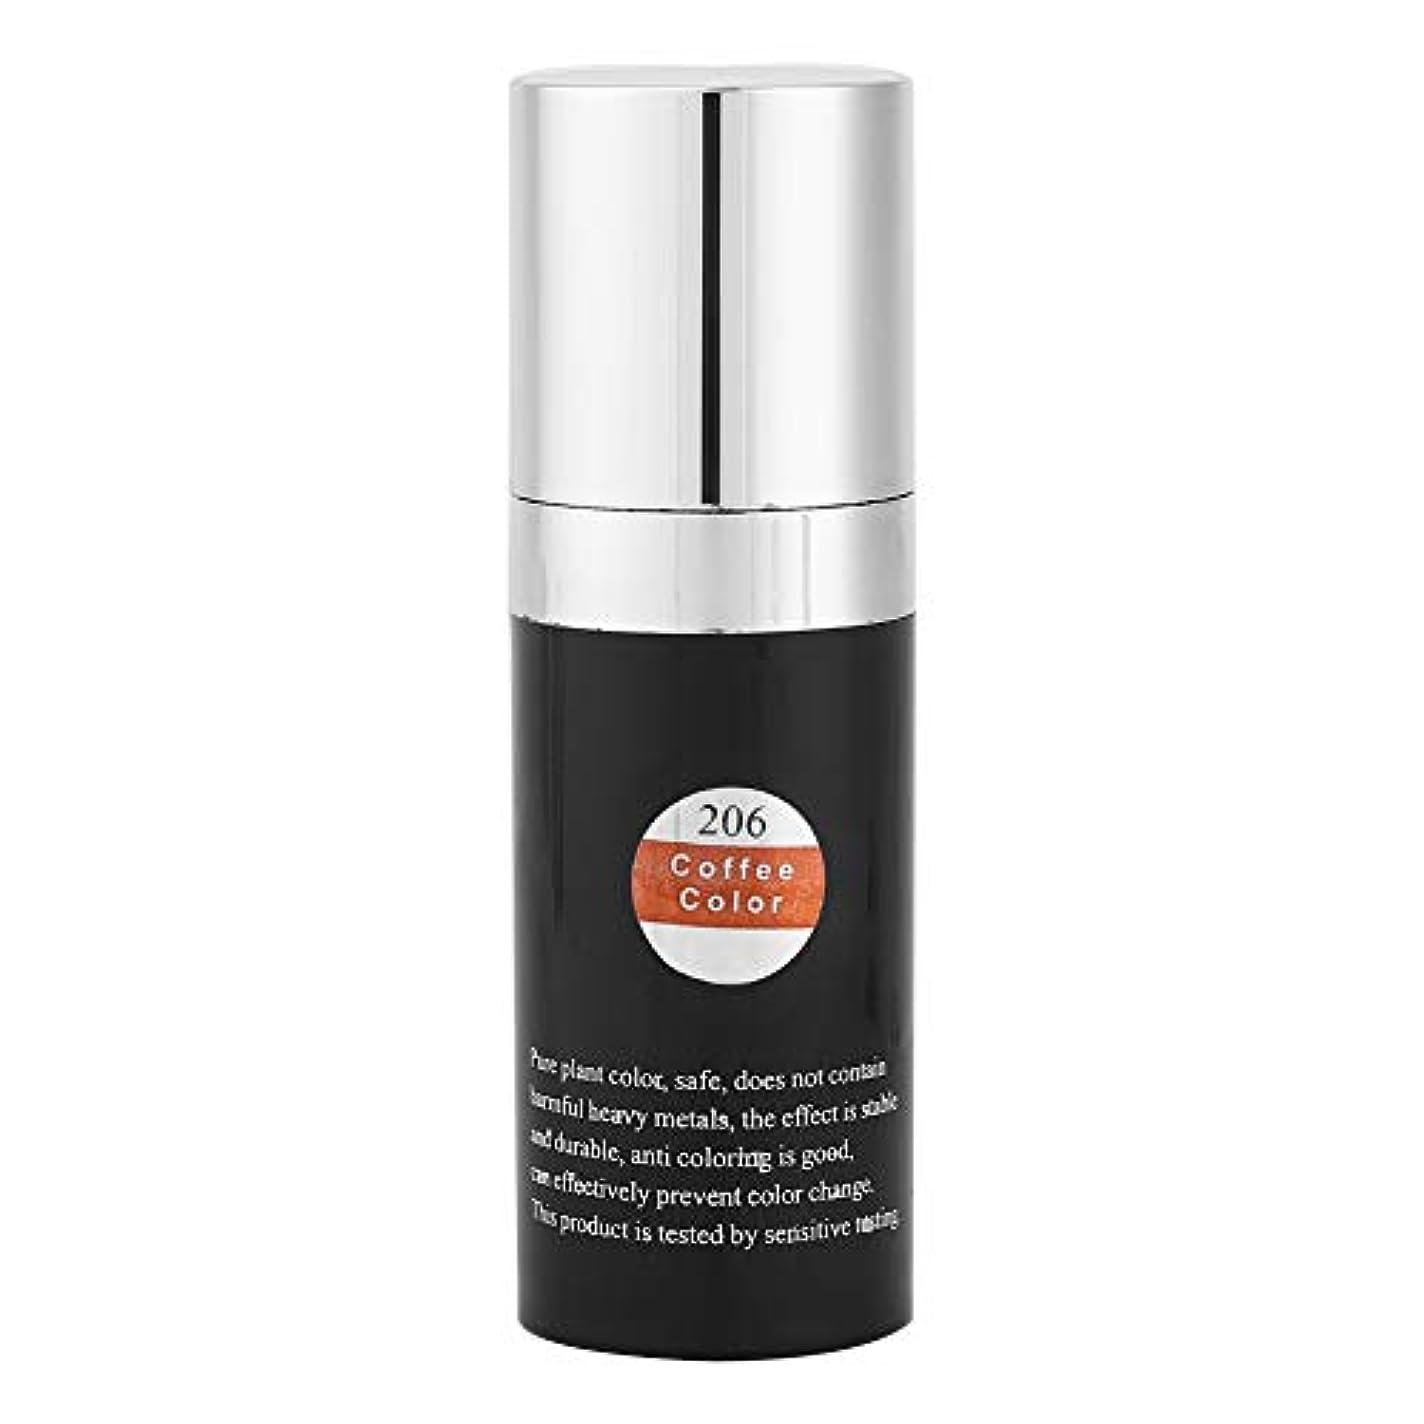 該当する志す固執6色顔料の入れ墨、有機性植物の顔料インク眉毛の唇の目ライン永久的な色の構造の入れ墨の化粧品インク(コーヒー)